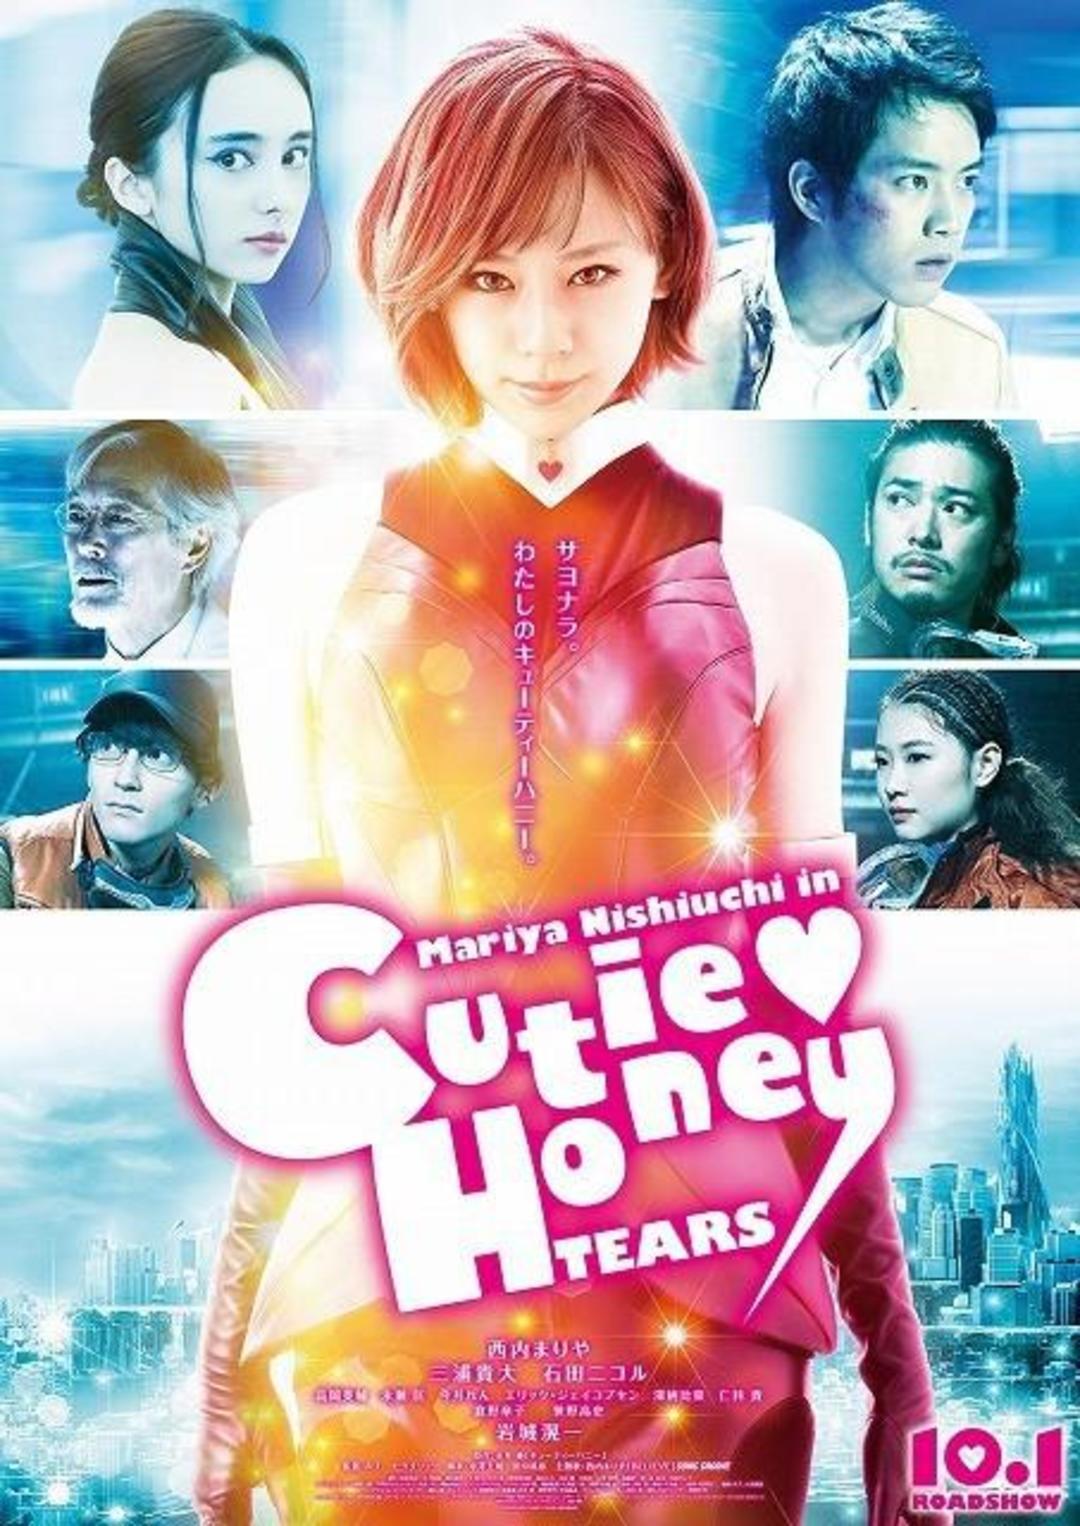 这部日本科幻电影,战士是帅气黑色的少女性感演绎蕾丝性感or主角a战士图片